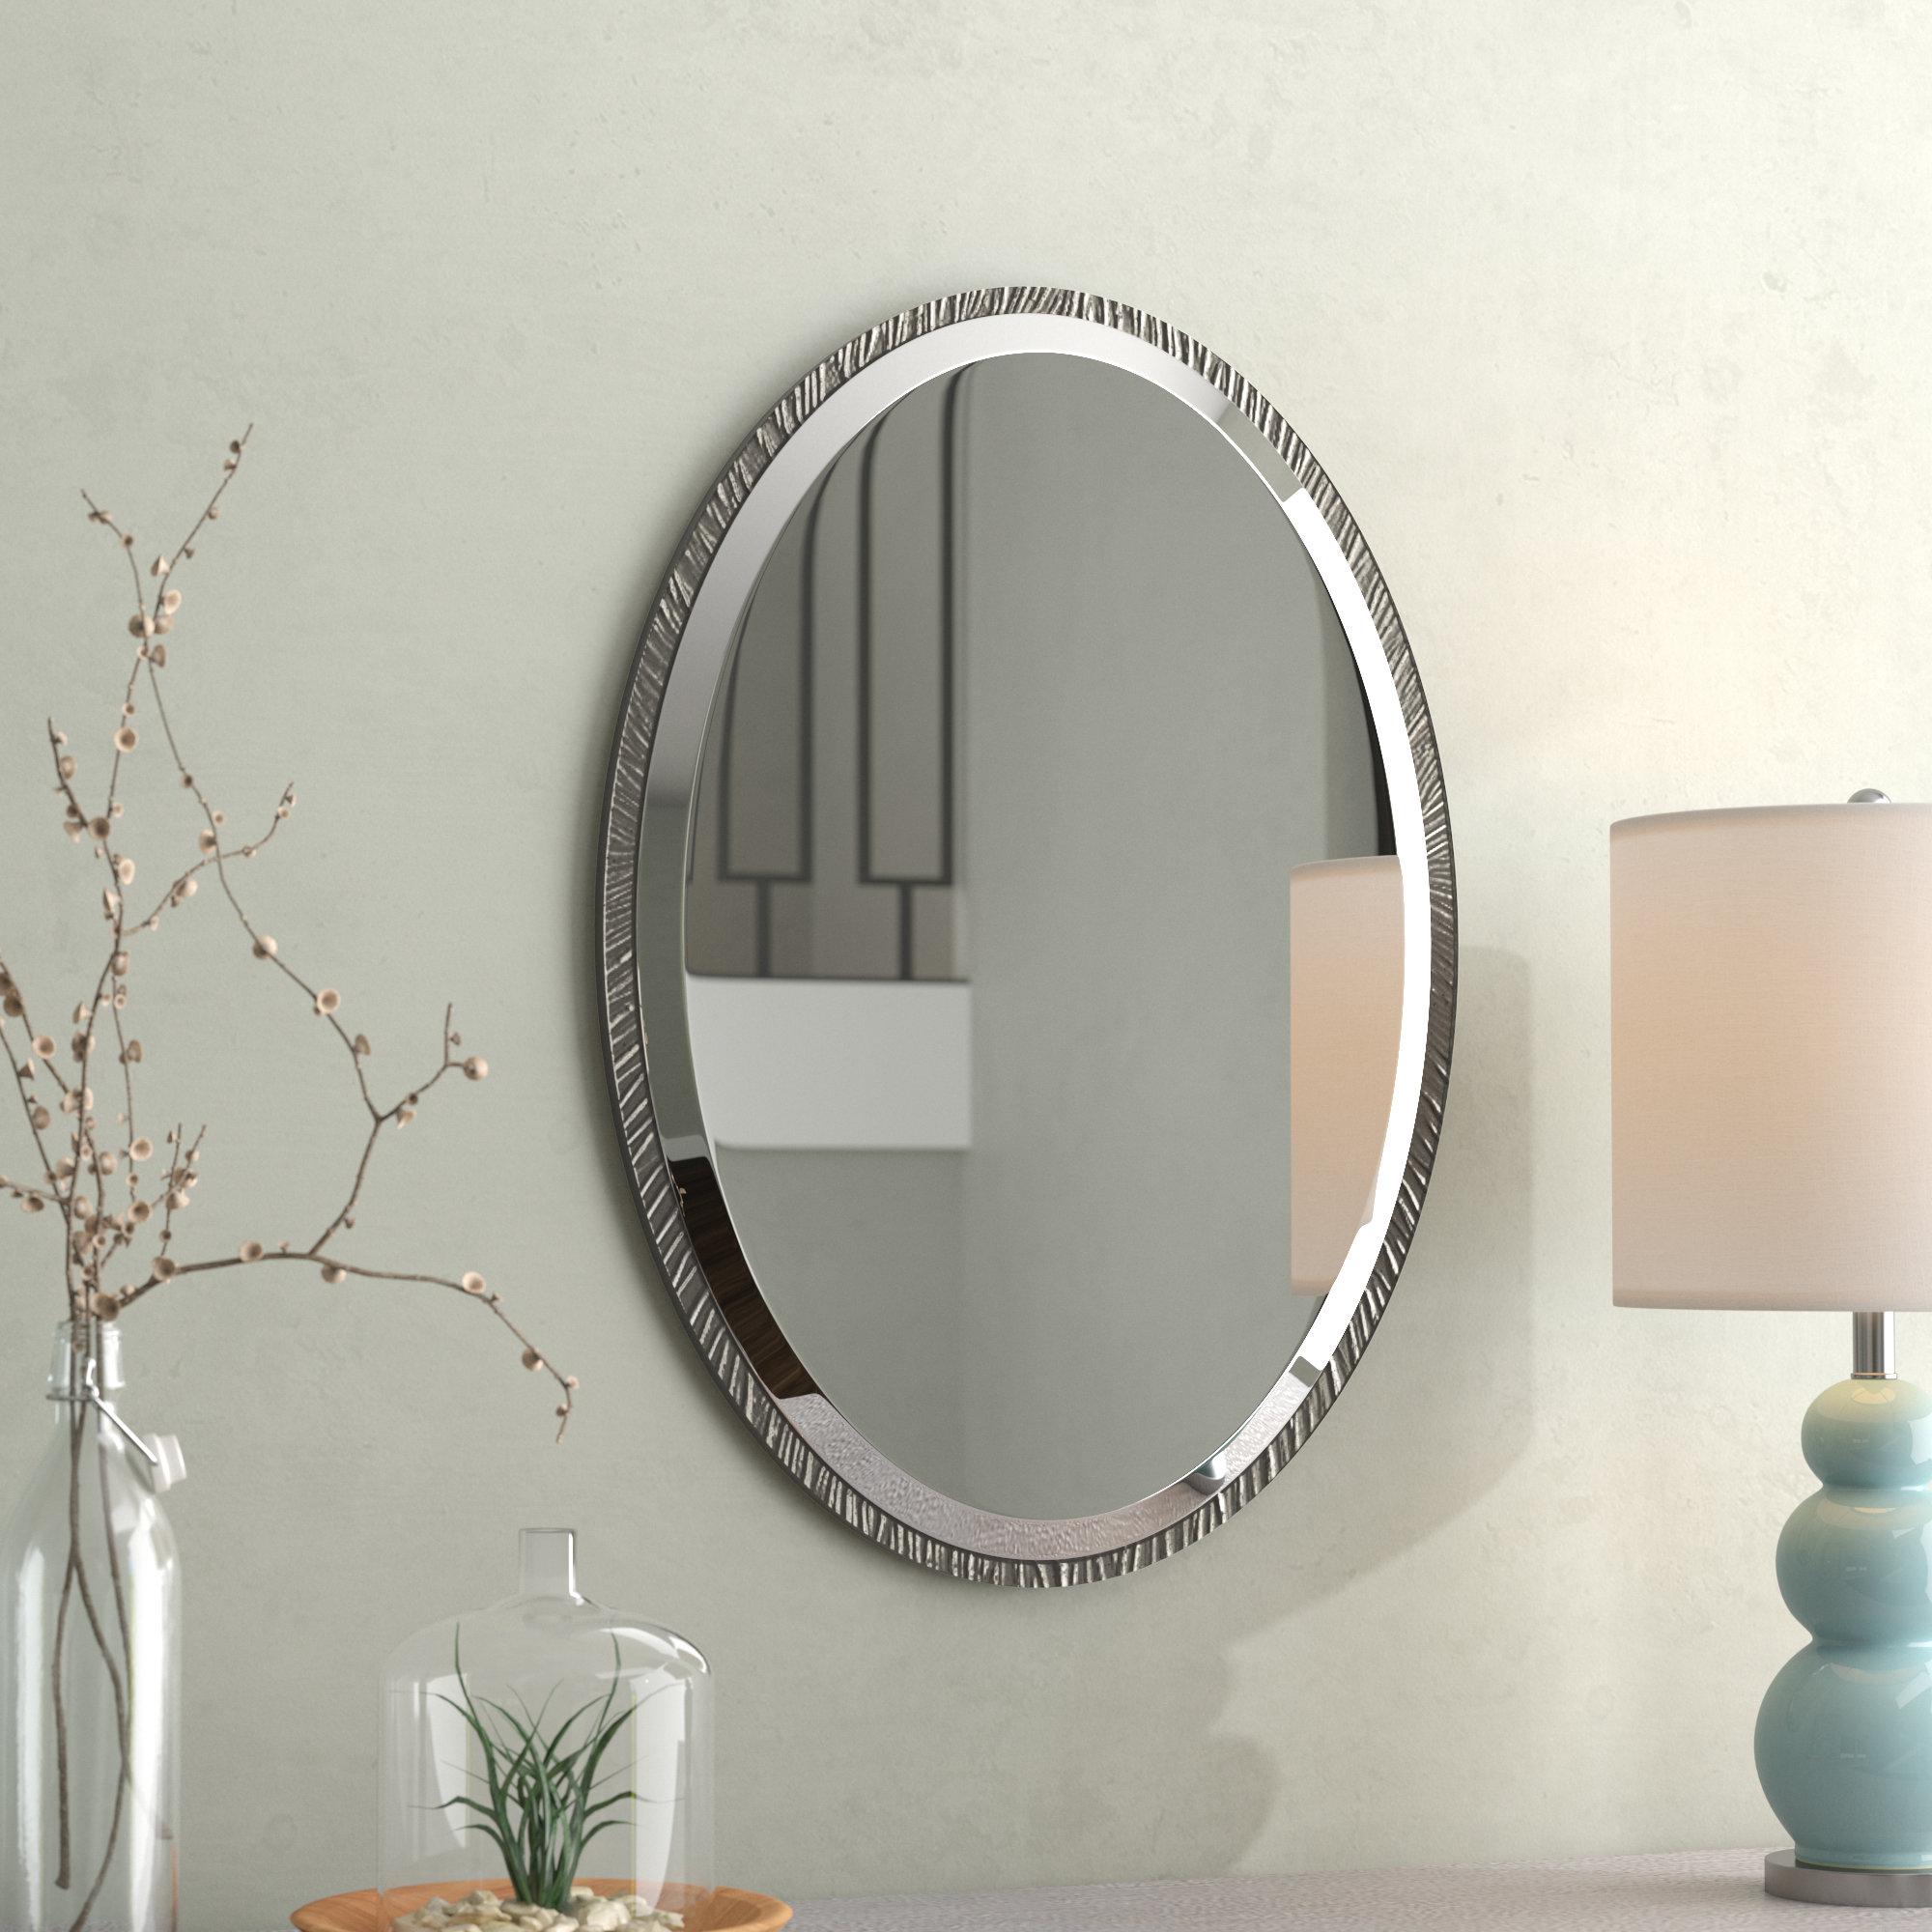 Brushed Nickel Bathroom Mirror | Wayfair Inside Hogge Modern Brushed Nickel Large Frame Wall Mirrors (Image 3 of 20)